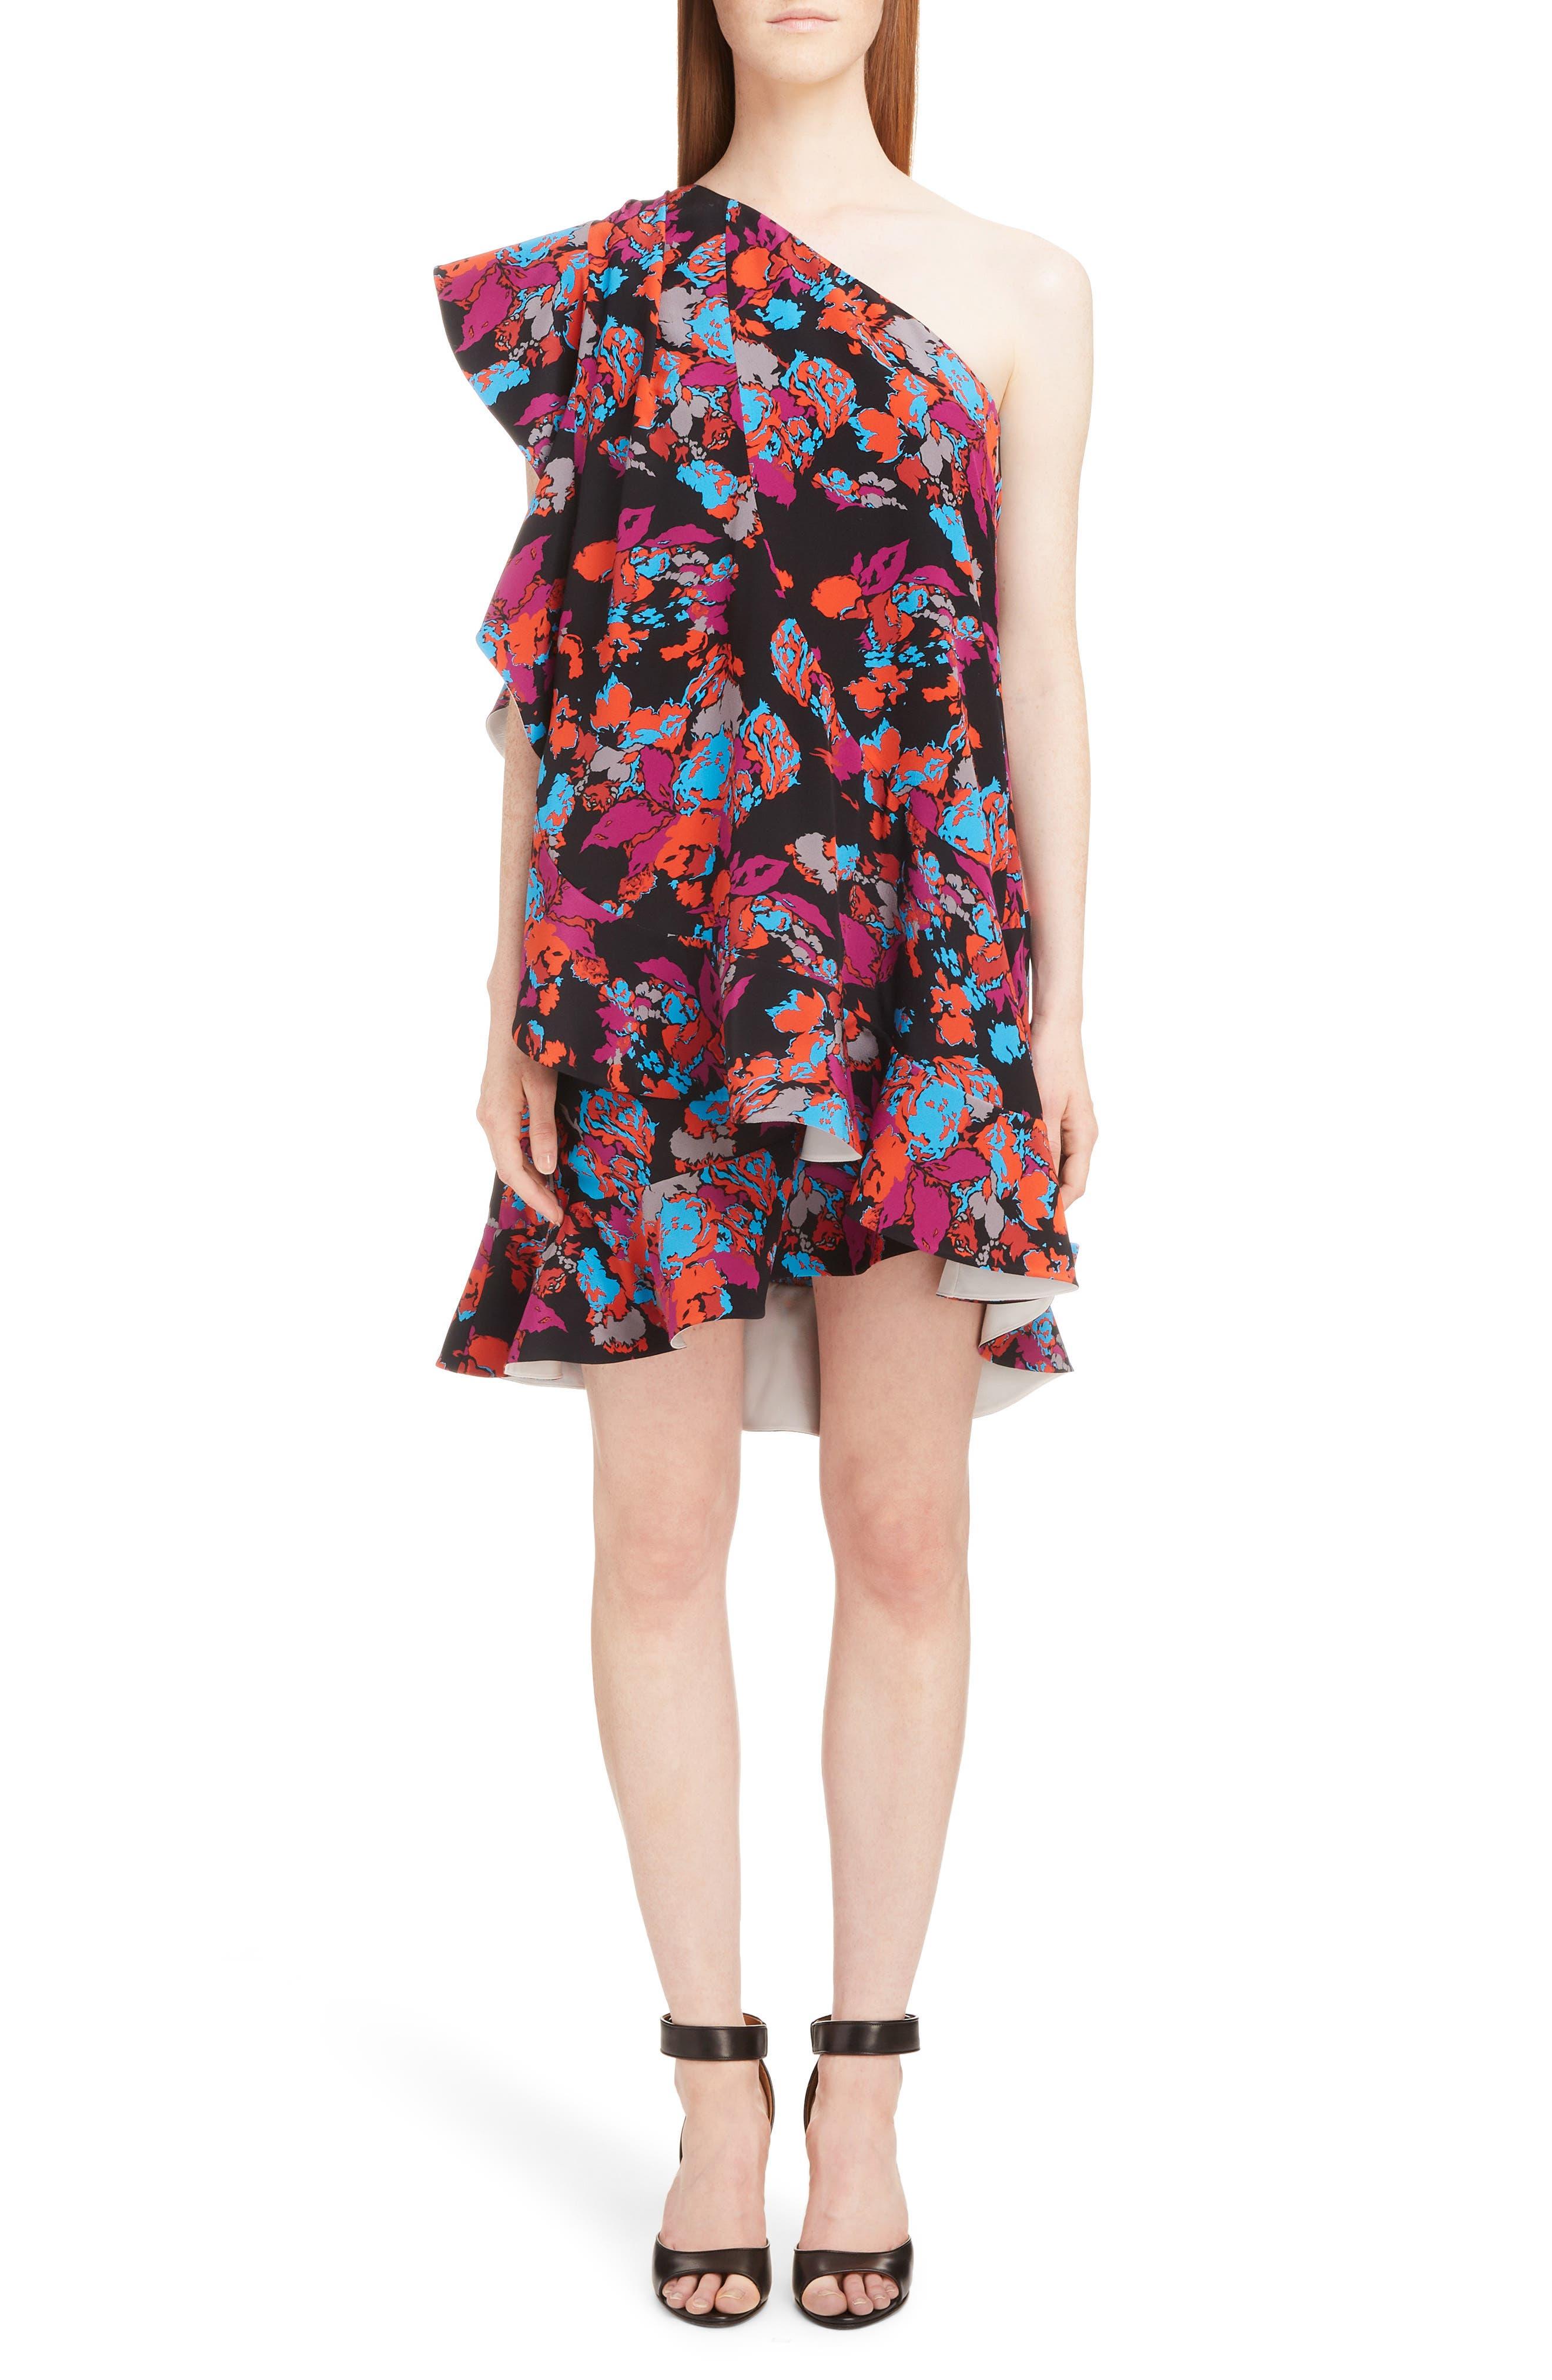 Givenchy Floral Print One-Shoulder Dress, US / 40 FR - Black